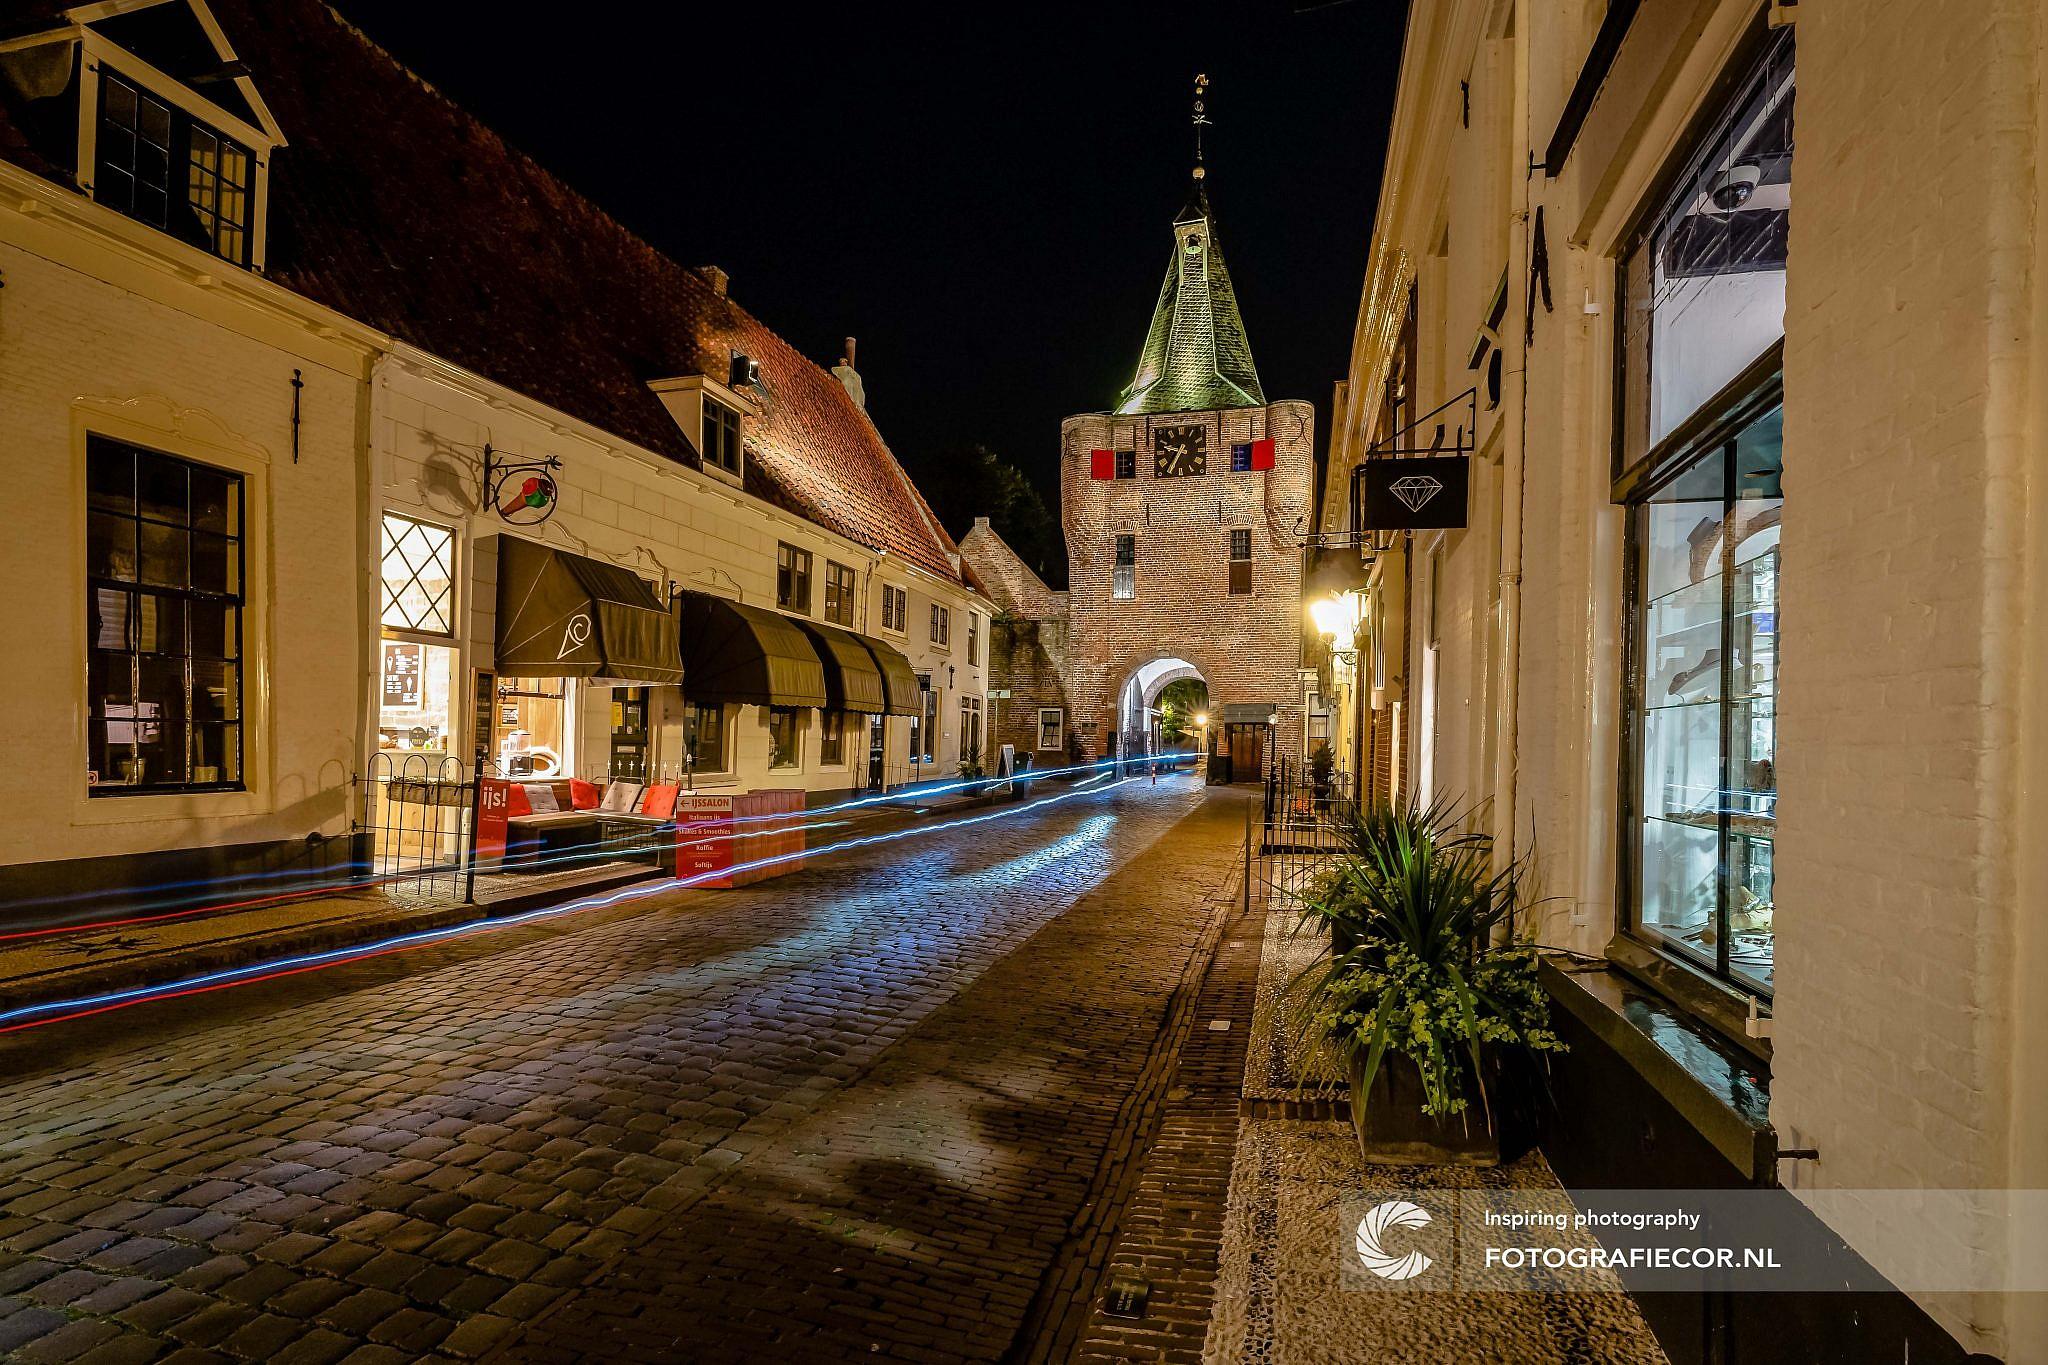 workshop Nachtfotografie | Exposure | Elburg | Nachtfotografie | foto cursus Elburg | fotografie workshop Elburg | Workshop fotografie | Fotografie cursus | Workshop | Vesting Elburg | Lange sluitertijd | avond fotografie | lichtstrepen | vischpoort | fotografie workshop | avondfotografie Elburg